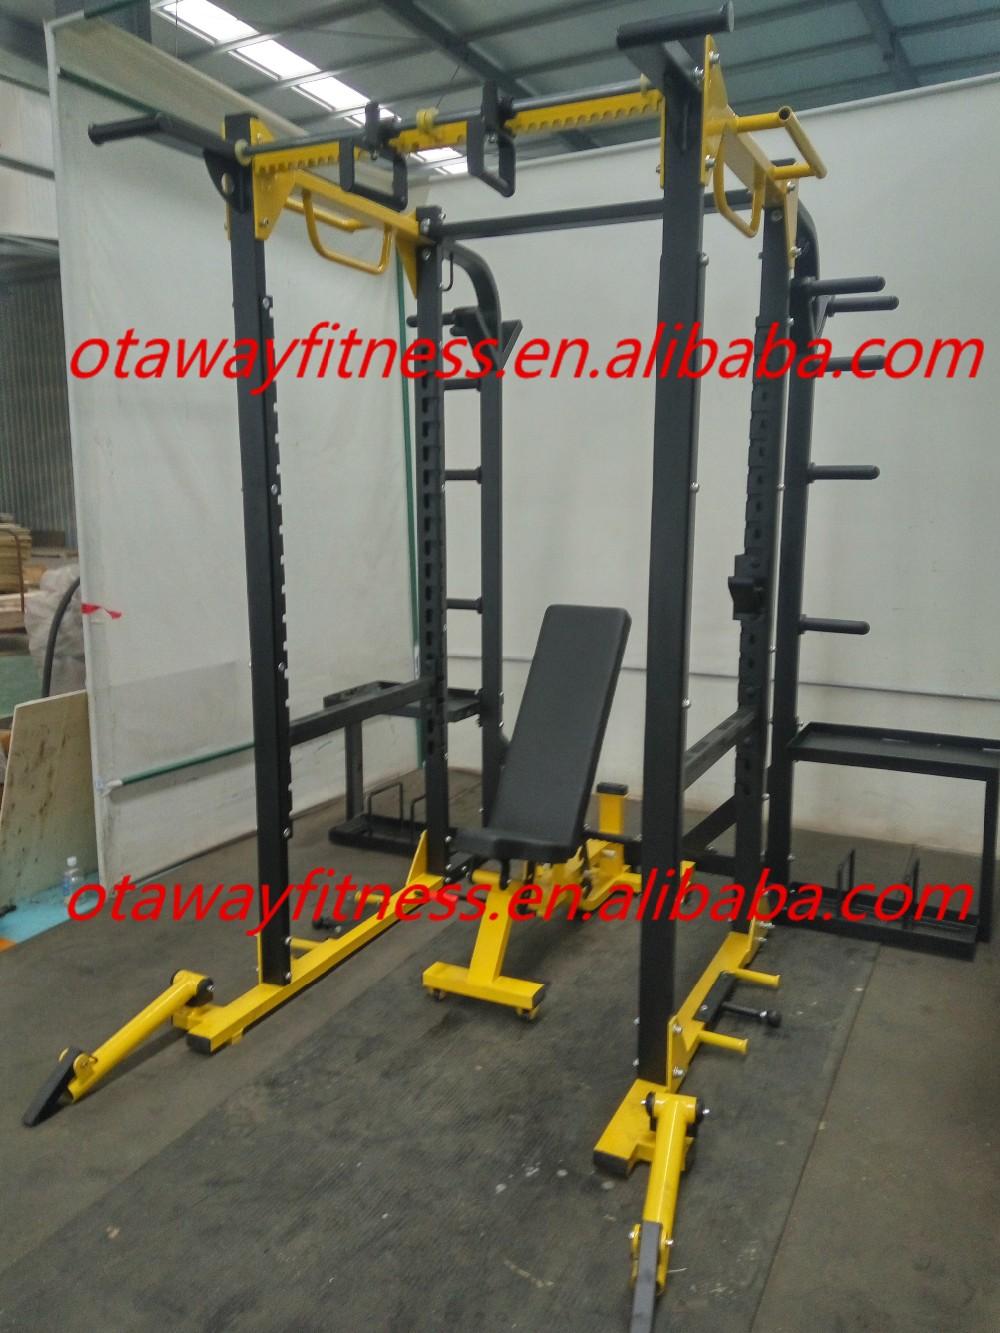 commercial hammer strength hd elite gym power rack half. Black Bedroom Furniture Sets. Home Design Ideas